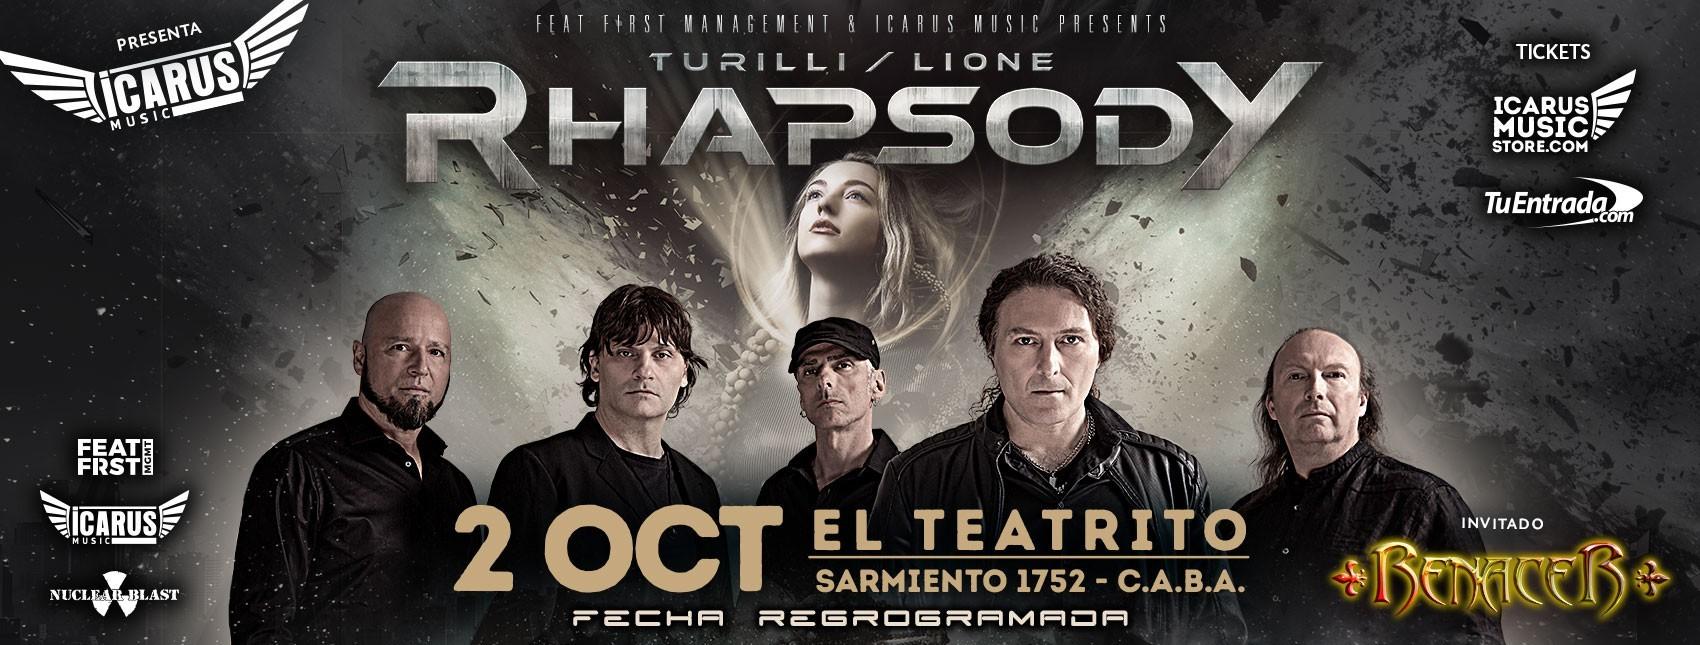 RHAPSODY - Turilli / Lione - en Argentina la banda sinfónica italiana, se presentará en nuestro país el 21 de Marzo de 2020, en El Teatrito